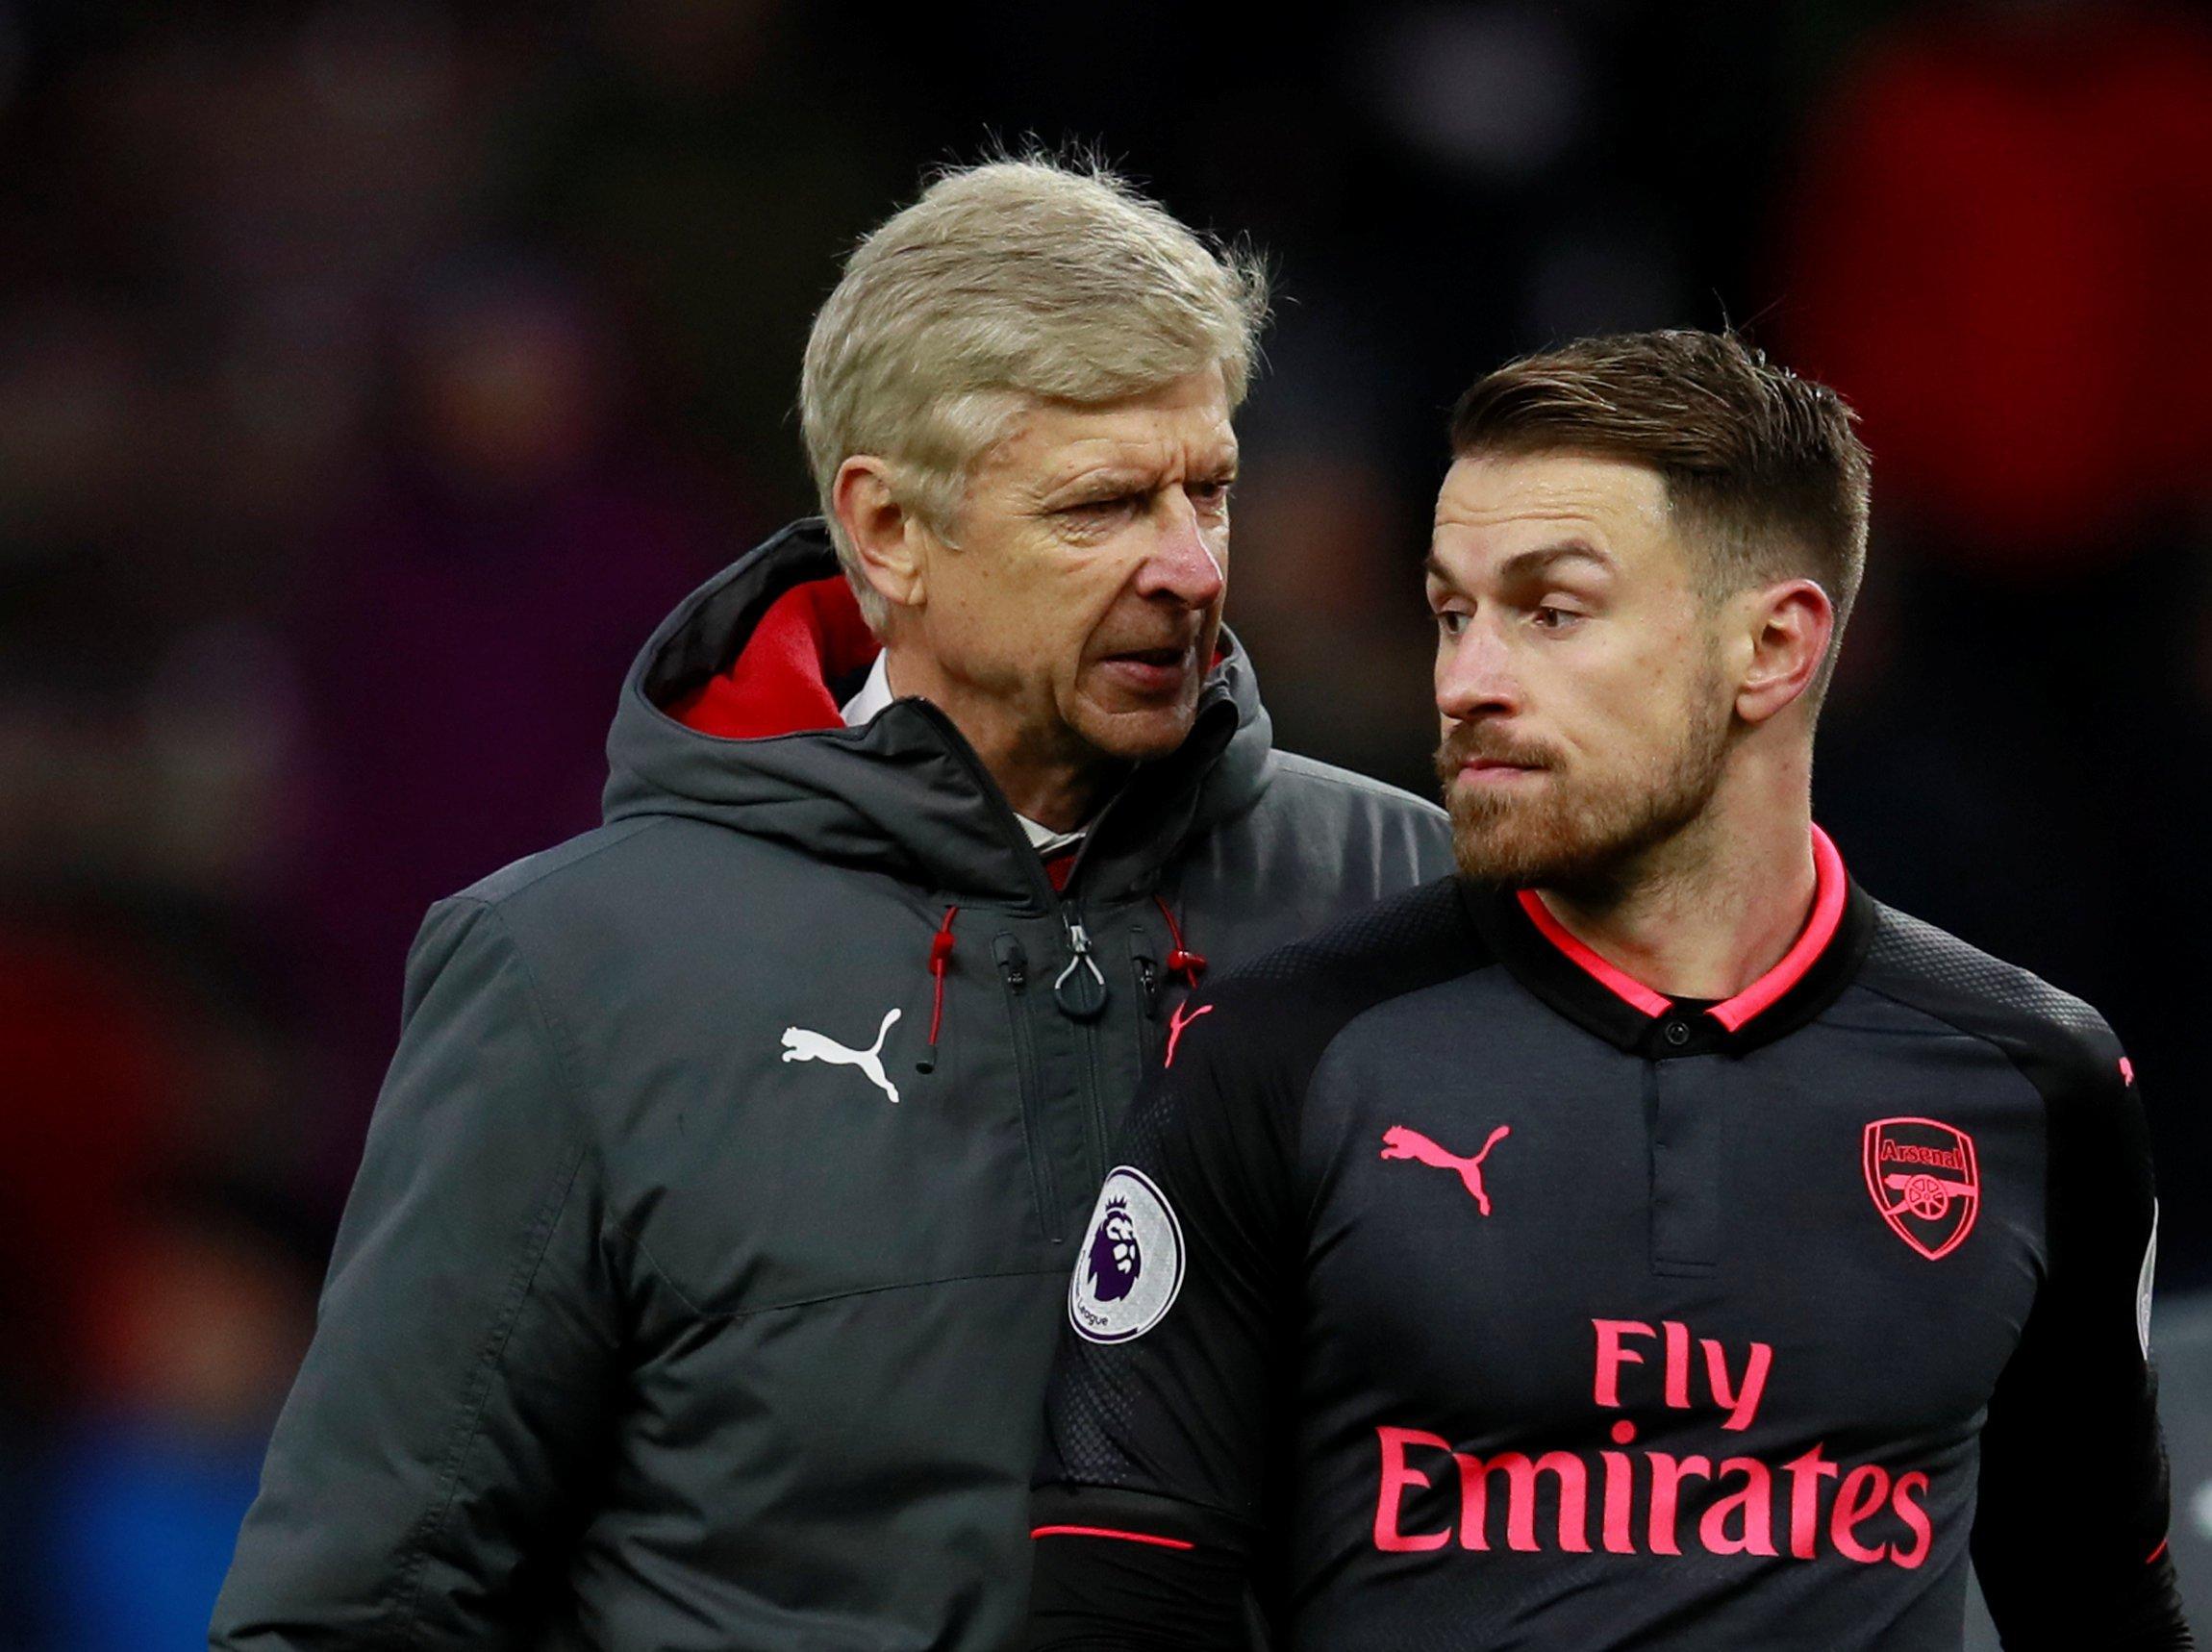 Chuyện Arsenal và Ramsey: Vậy là bắc London đã sạch bóng